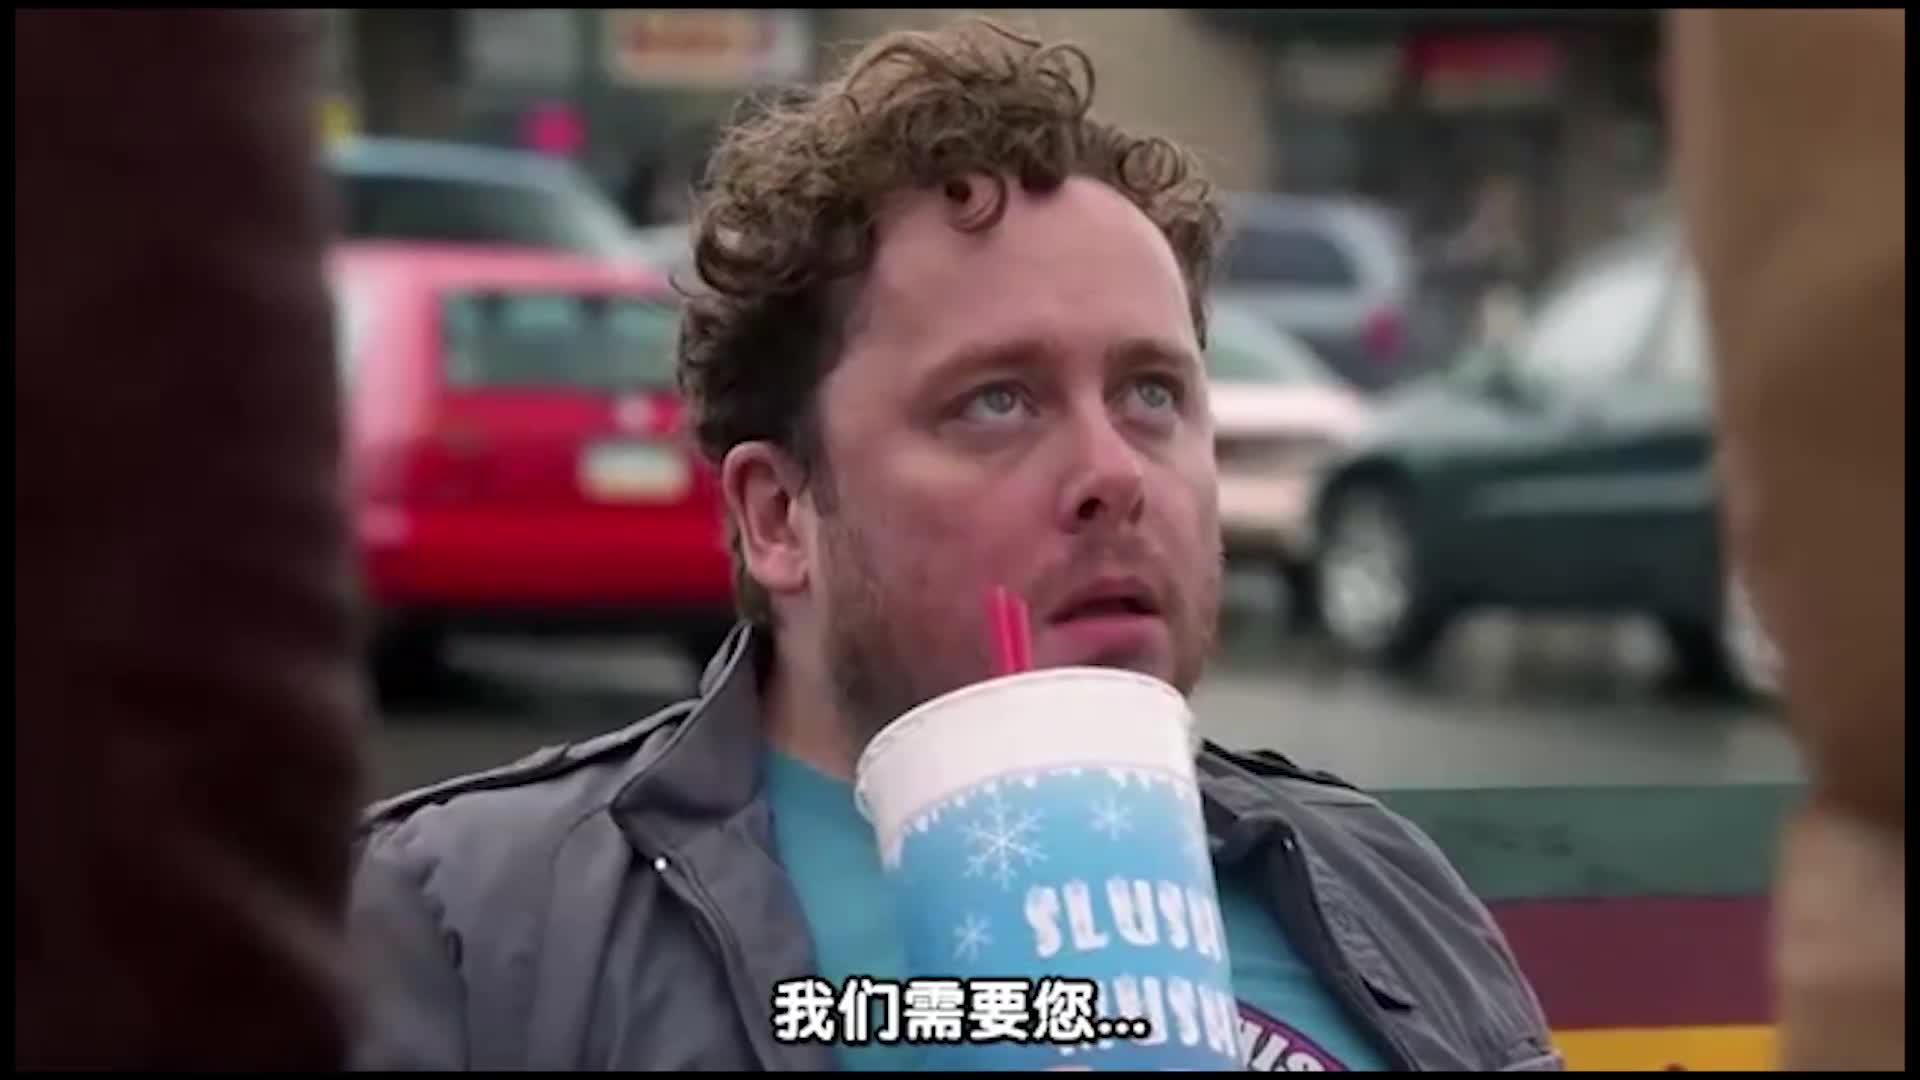 男子在喝饮料,突然两个人走过来对他们说这样的事